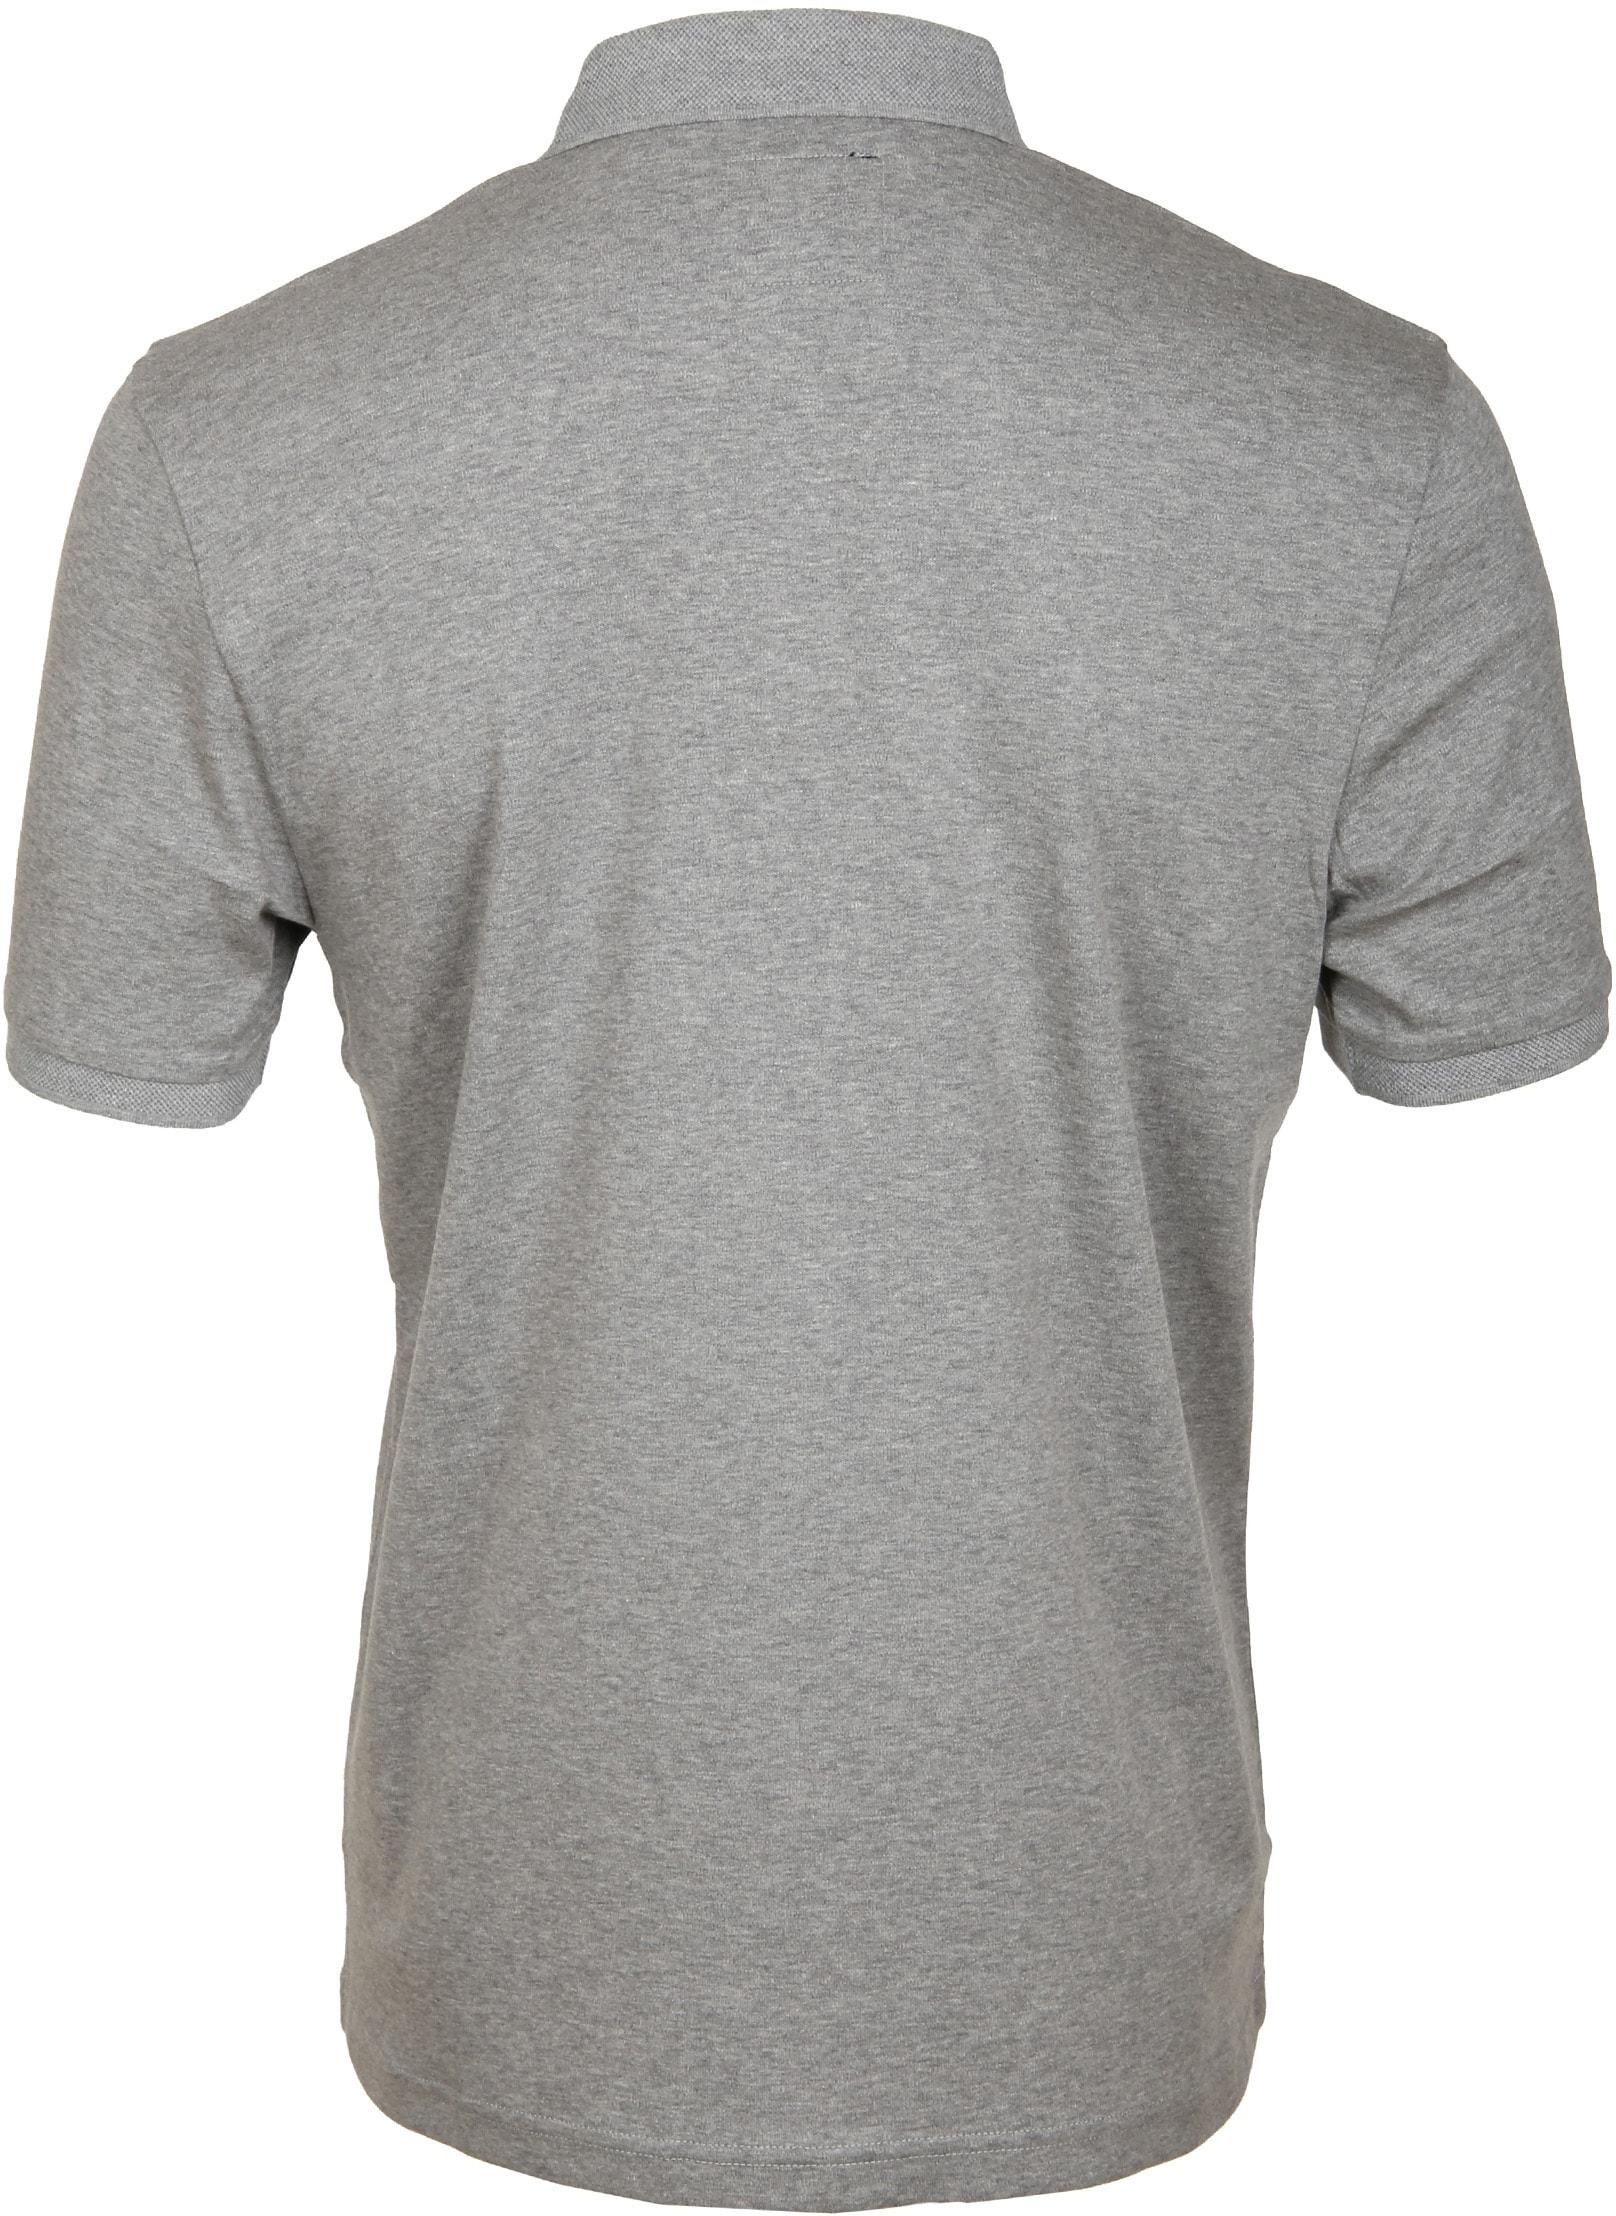 Suitable Poloshirt Liquid Grau foto 2